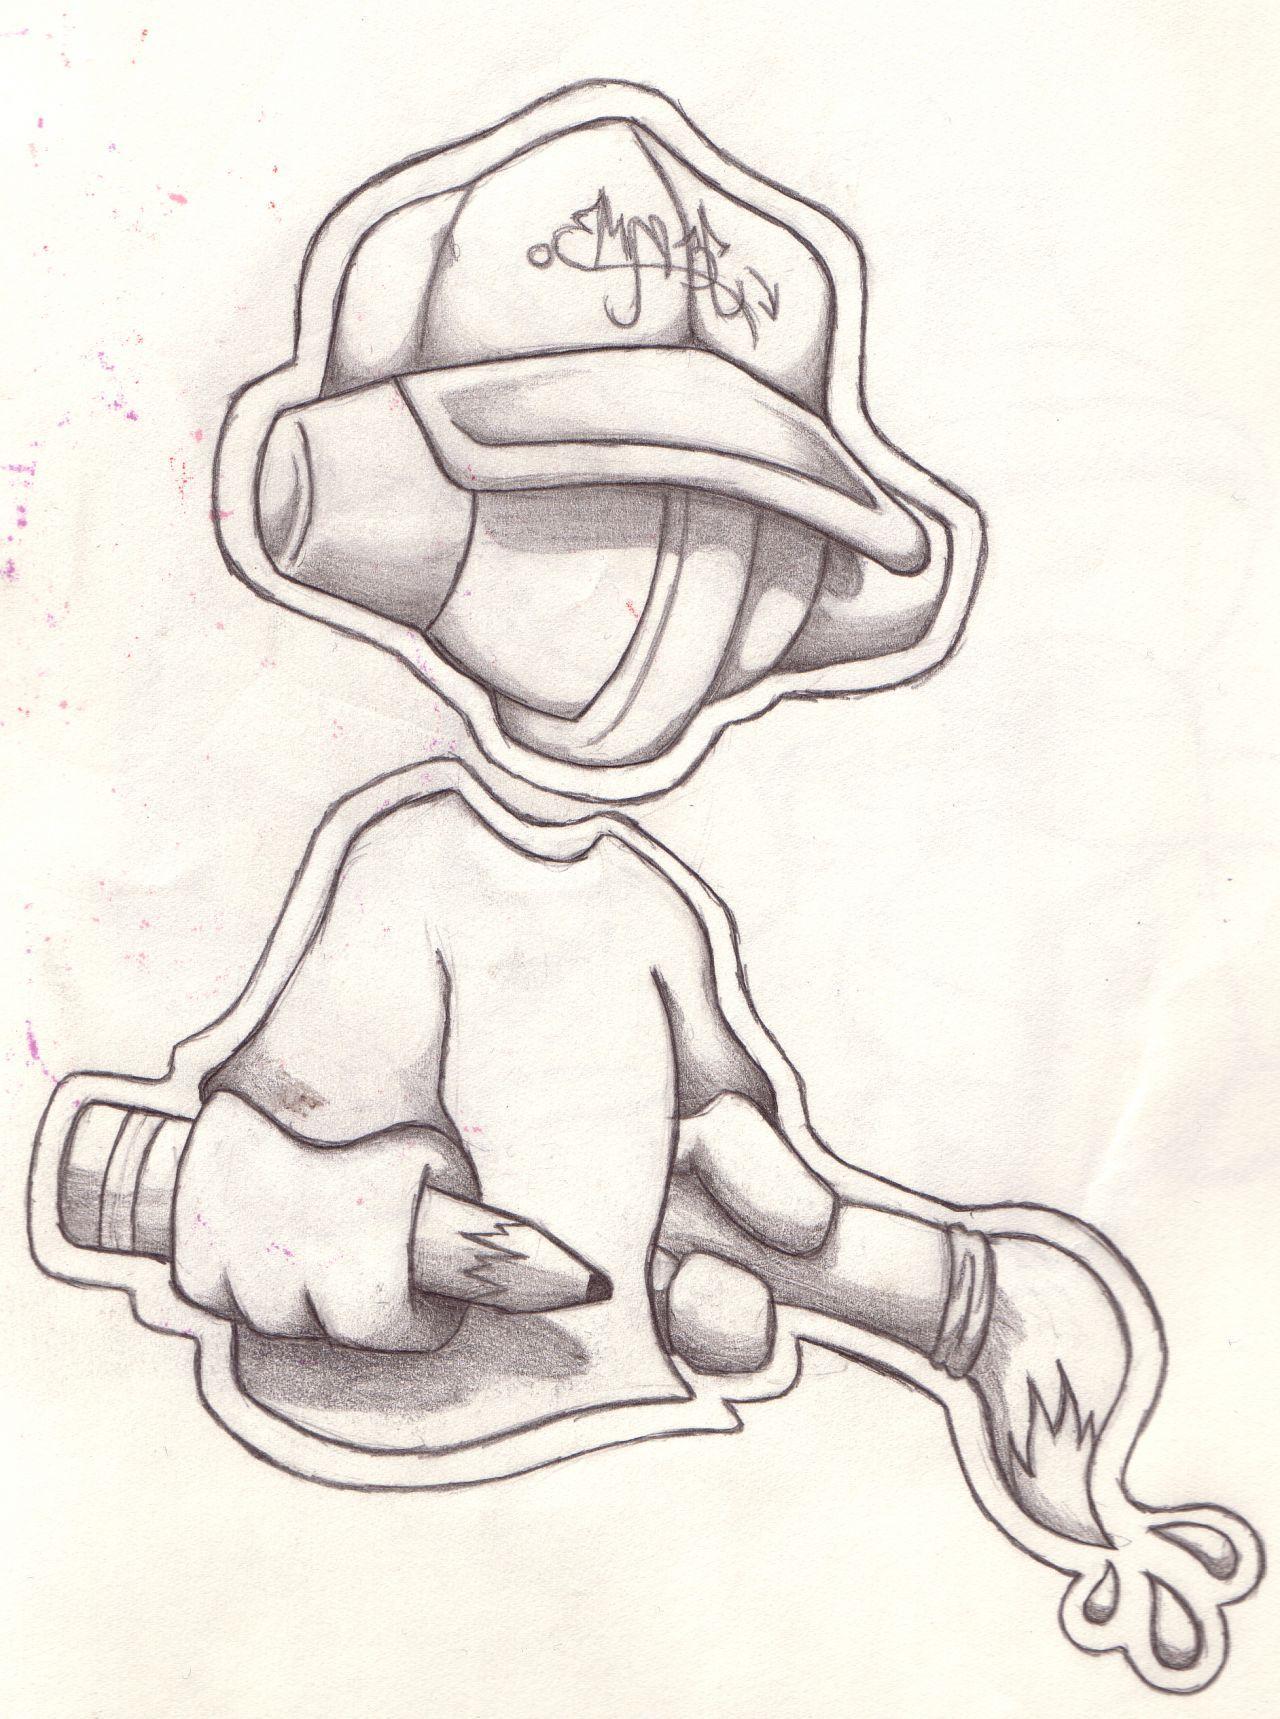 1280x1719 Cool Easy Graffiti Character Drawings Graffiti Street Art All